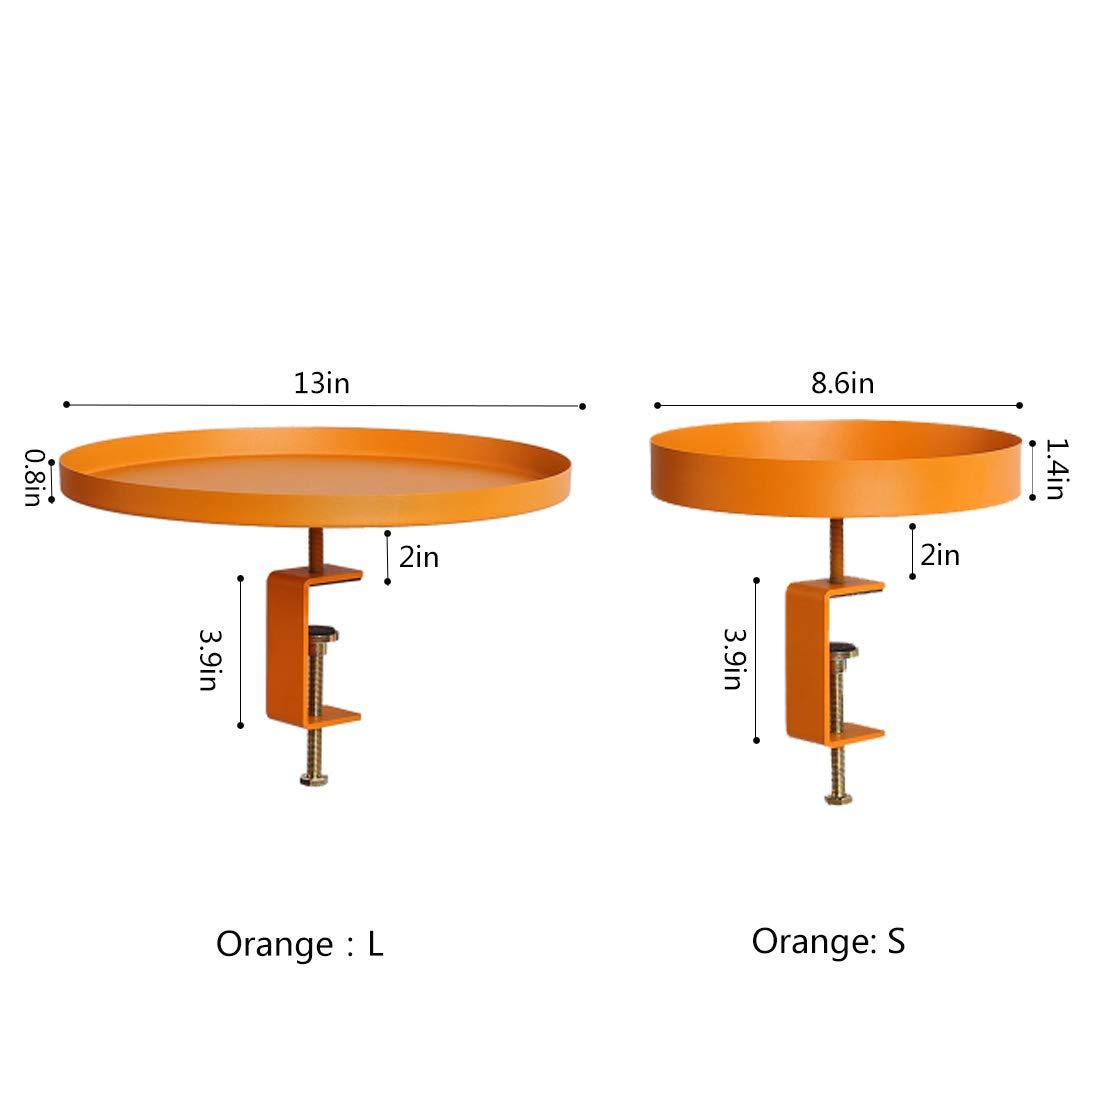 ラウンドフラワースタンド収納トレイ/フルーツバスケット/オーガナイザートレイ用コーヒーテーブルカウンタートップバスルーム化粧台トップドレッシングテーブル、デスクトップ防錆鉄素材/高さ調整可能(黄色) B07PYQDDT6  Large